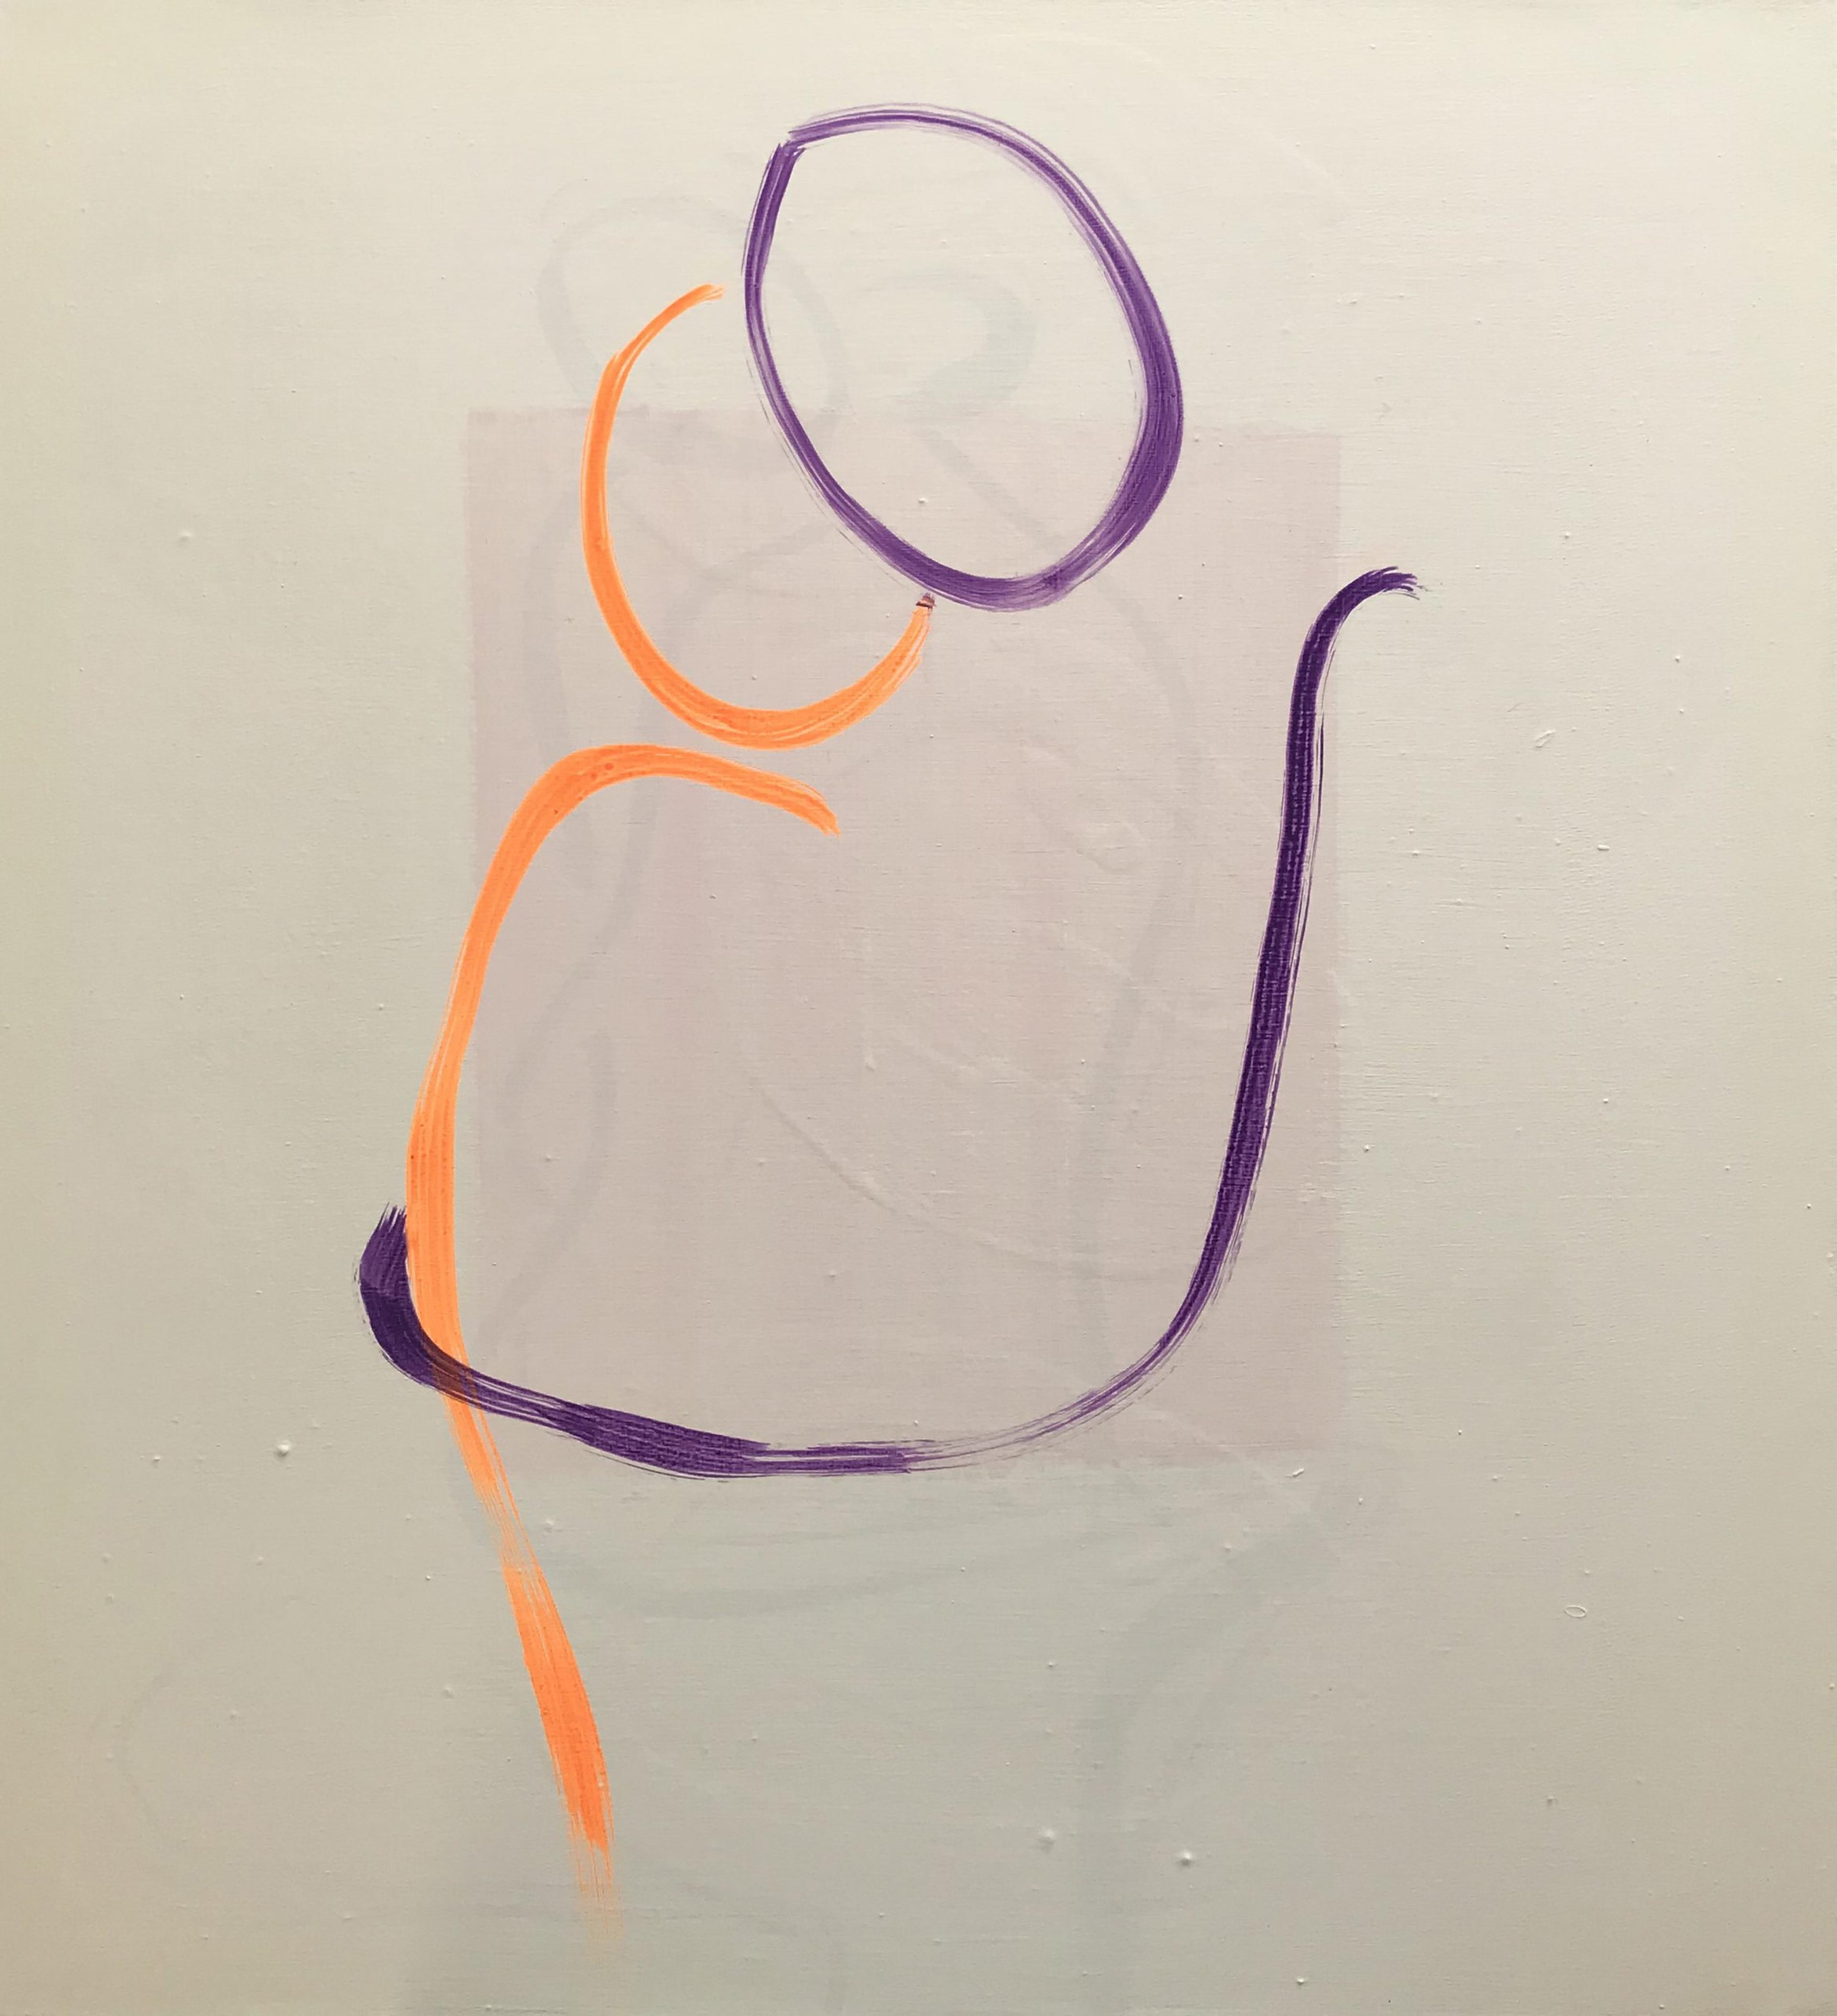 artwork Du und Ich by Miye Lee